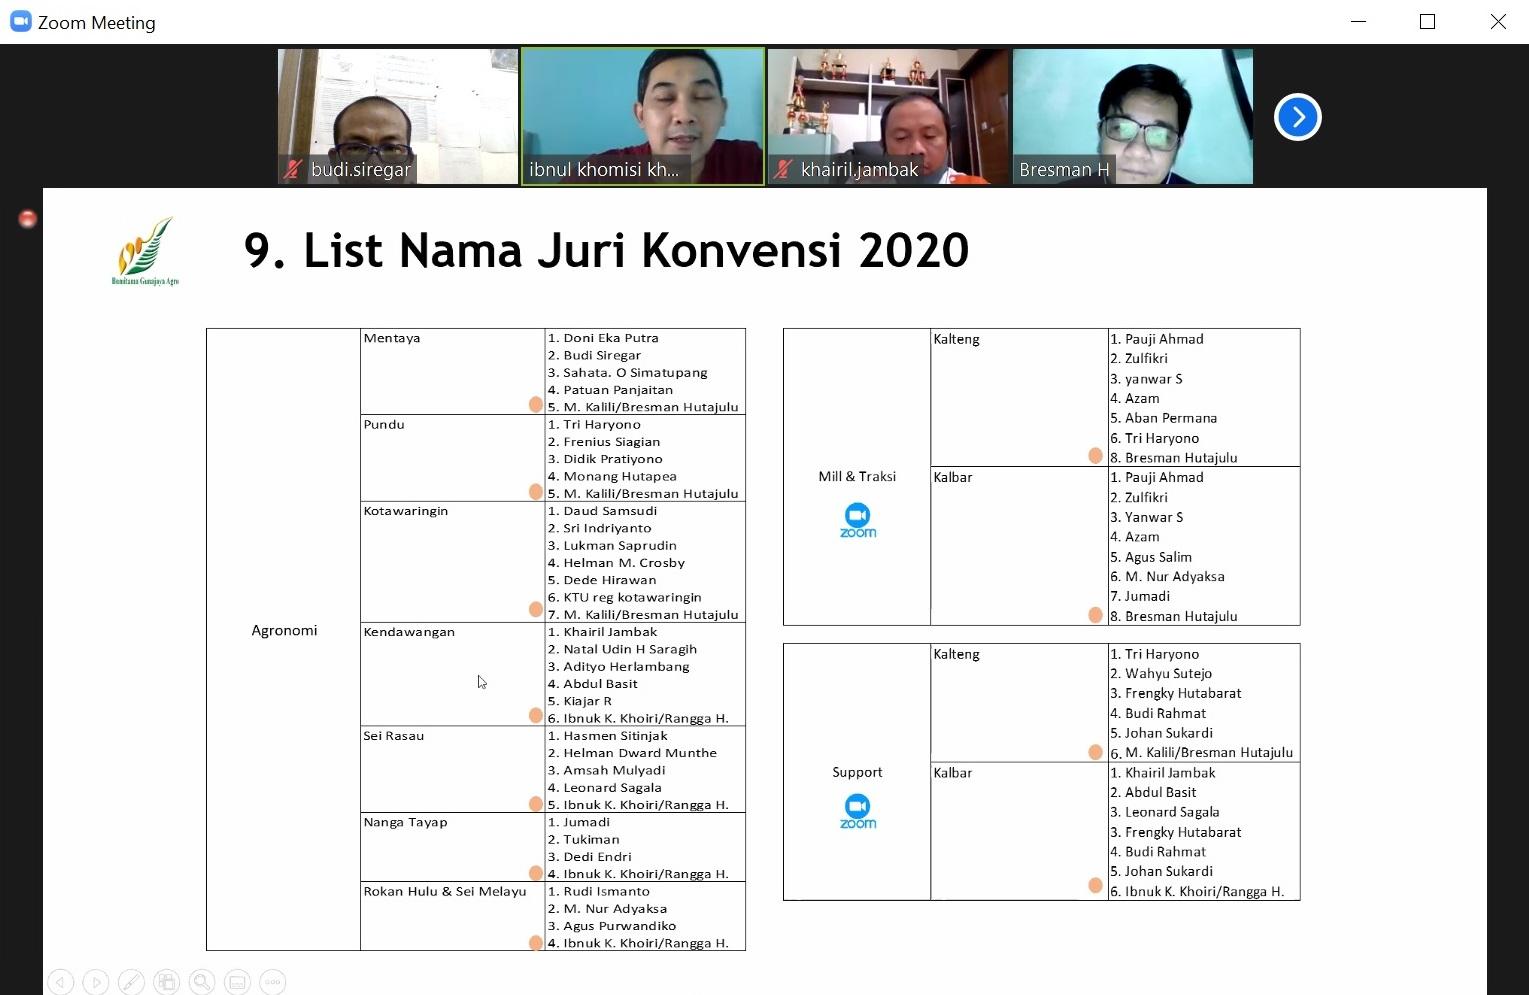 22. List Nama Juri Konvensi 2020